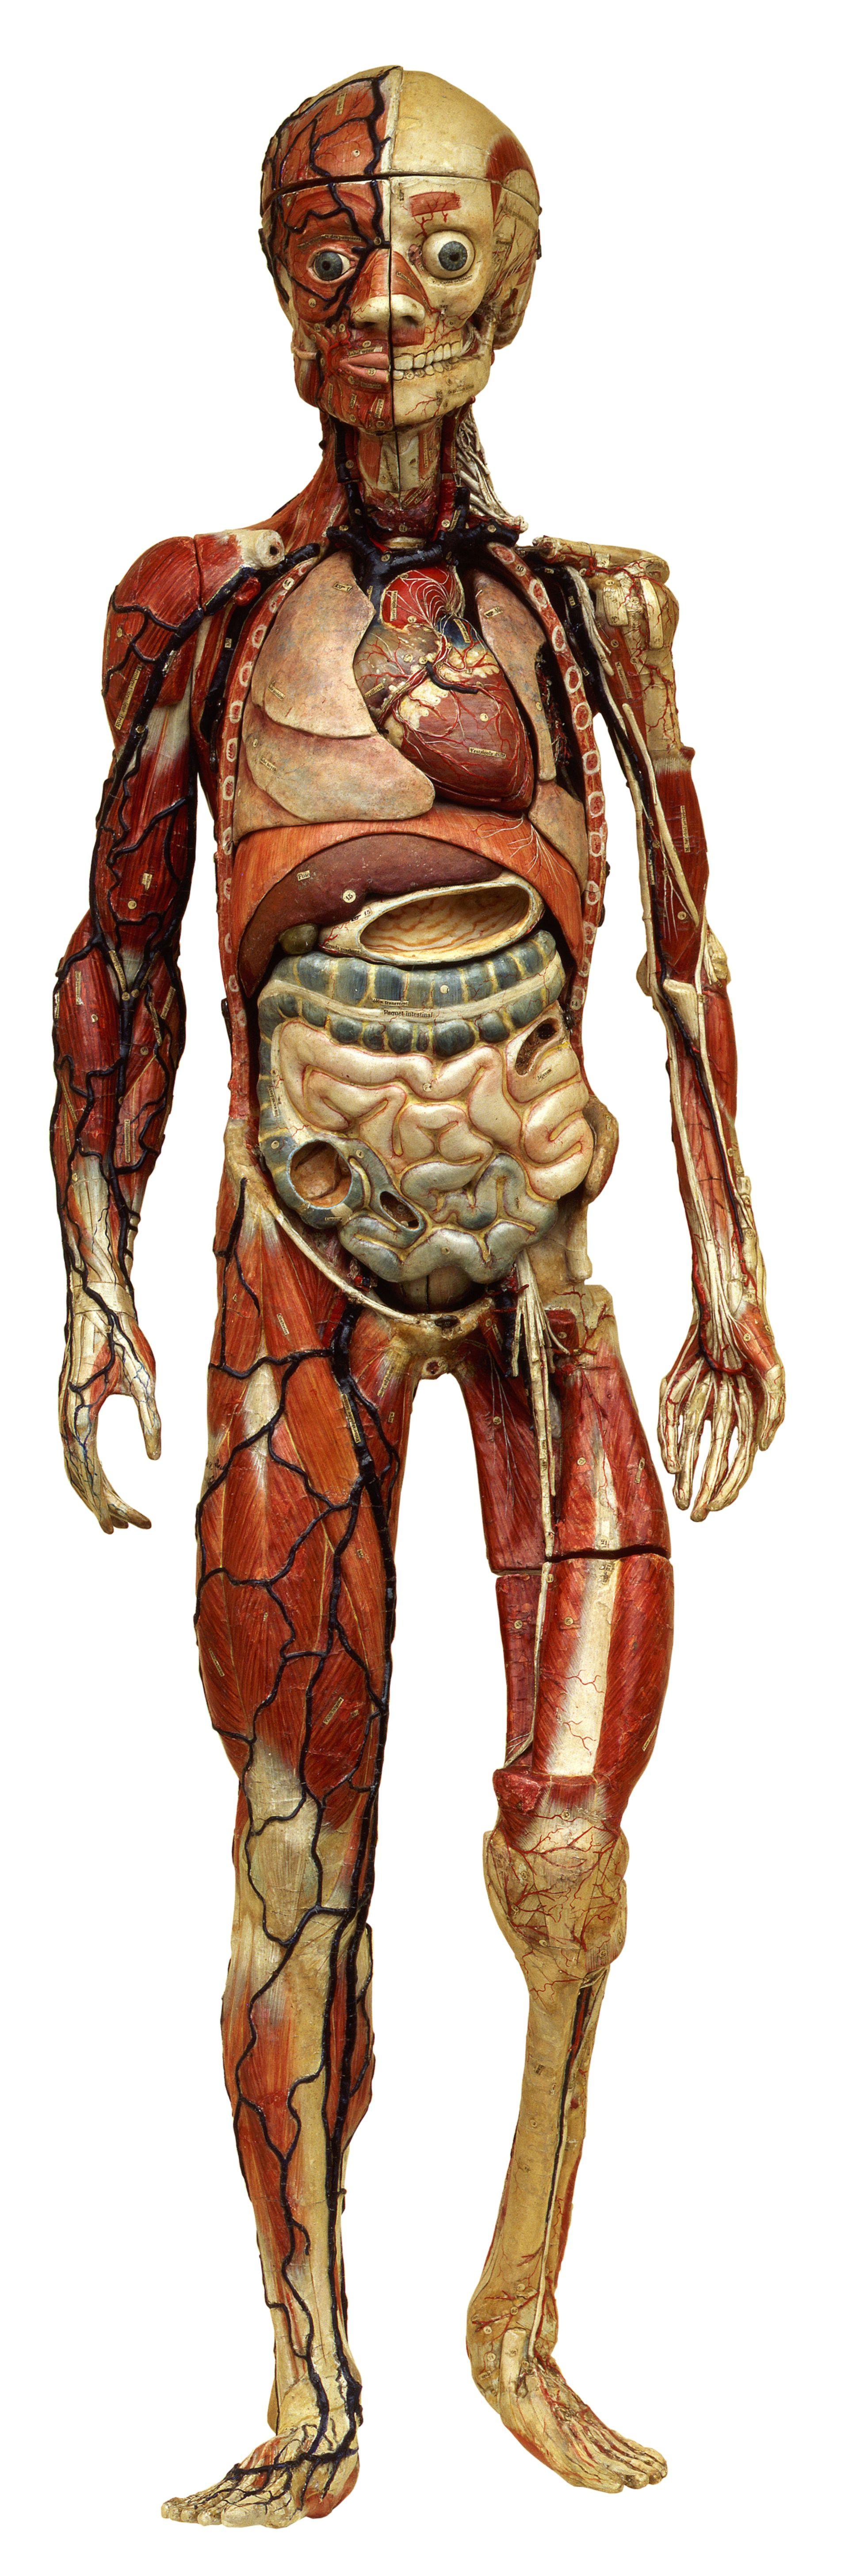 Anatomical model by L. T. J. Auzoux, 1865